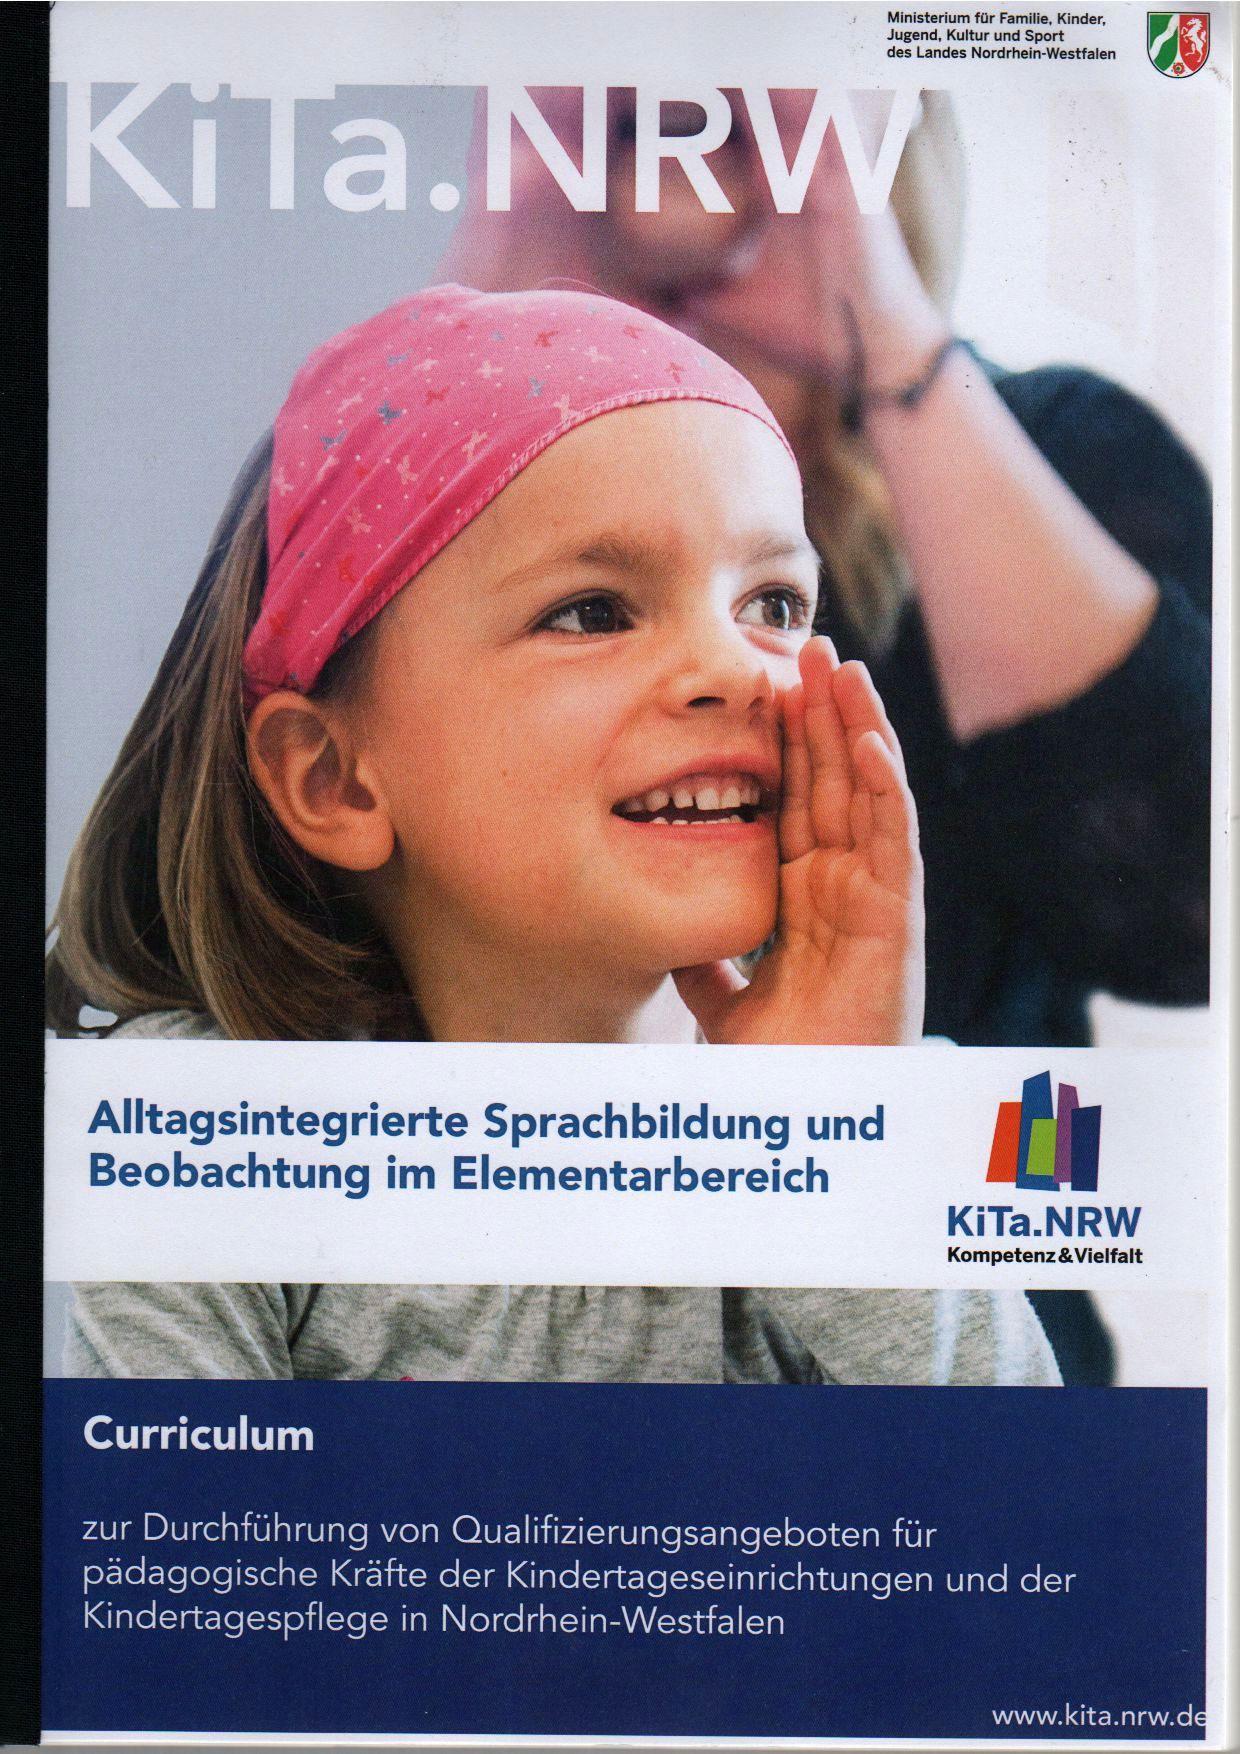 Curriculum zur Durchführung von Qualifizierungsangeboten für pädagogische Kräfte der Kindertageseinrichtungen und der Kindertagespflege in NRW